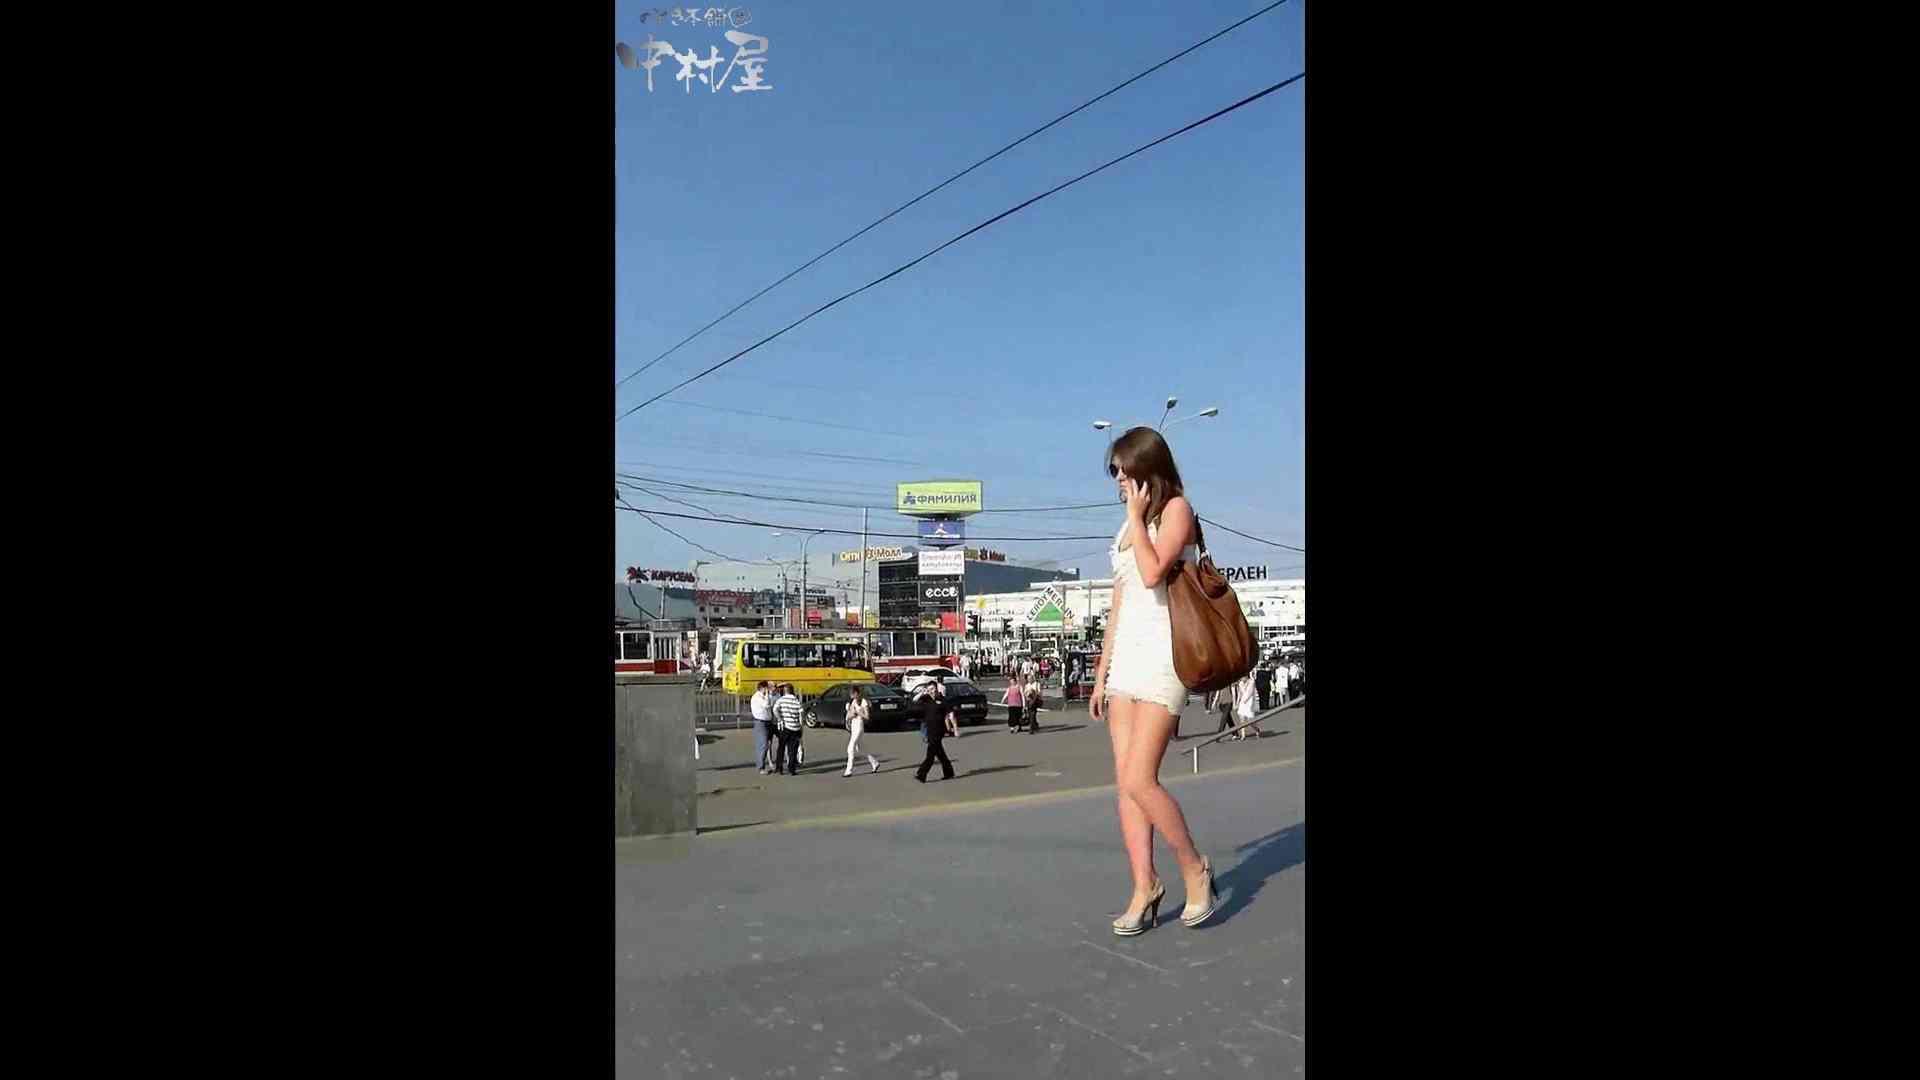 綺麗なモデルさんのスカート捲っちゃおう‼ vol18 お姉さんヌード   OLセックス  81画像 25